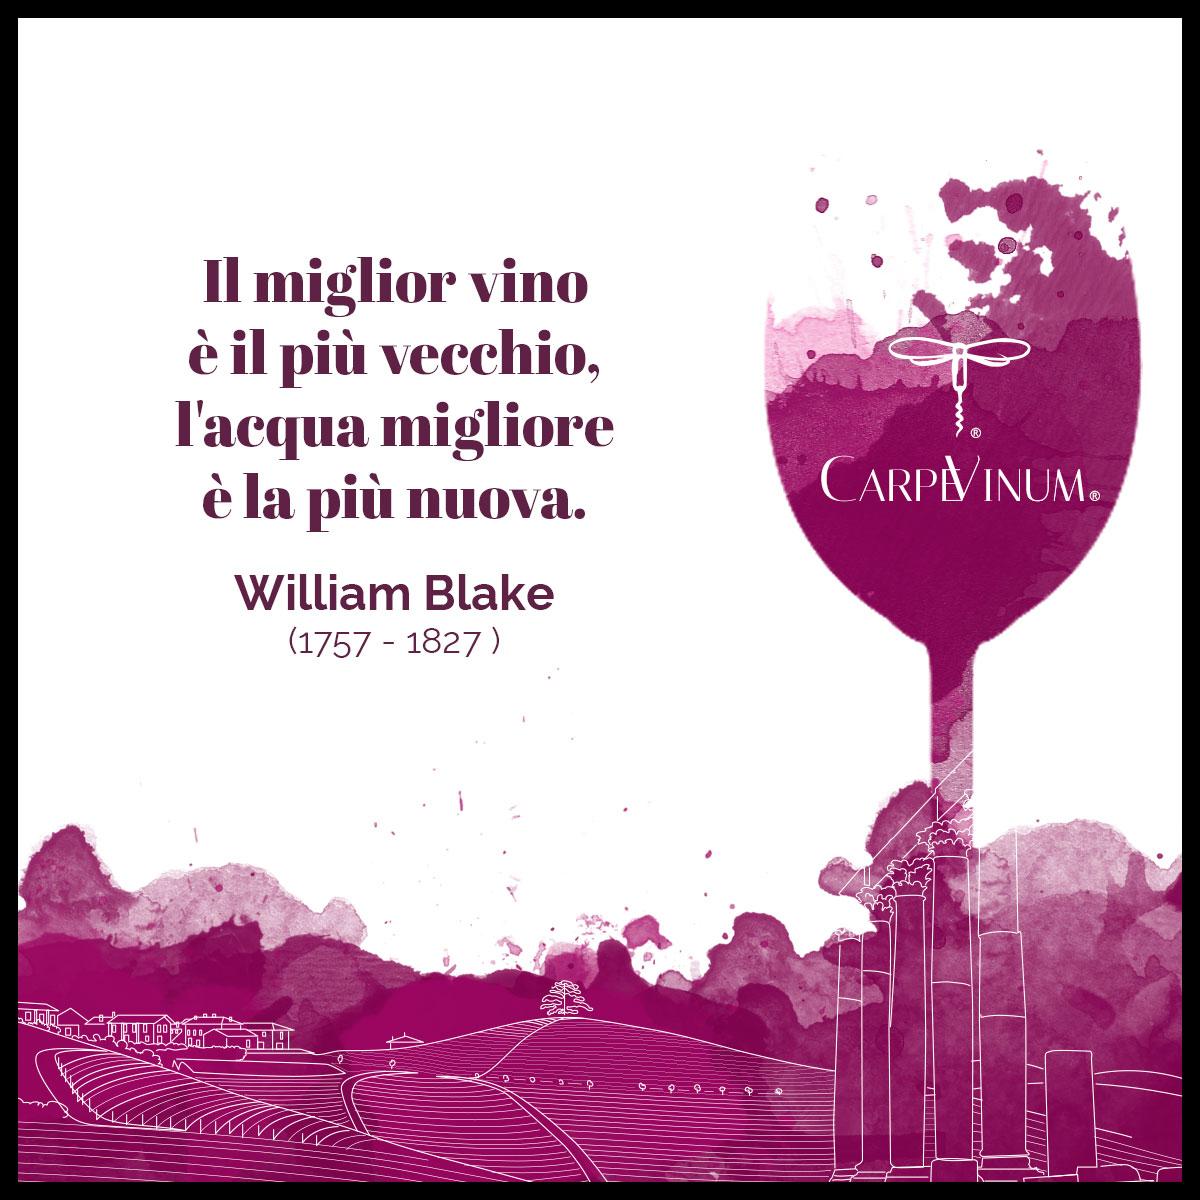 """""""Il miglior vino è il più vecchio, l'acqua migliore la più nuova."""" W. Blake"""